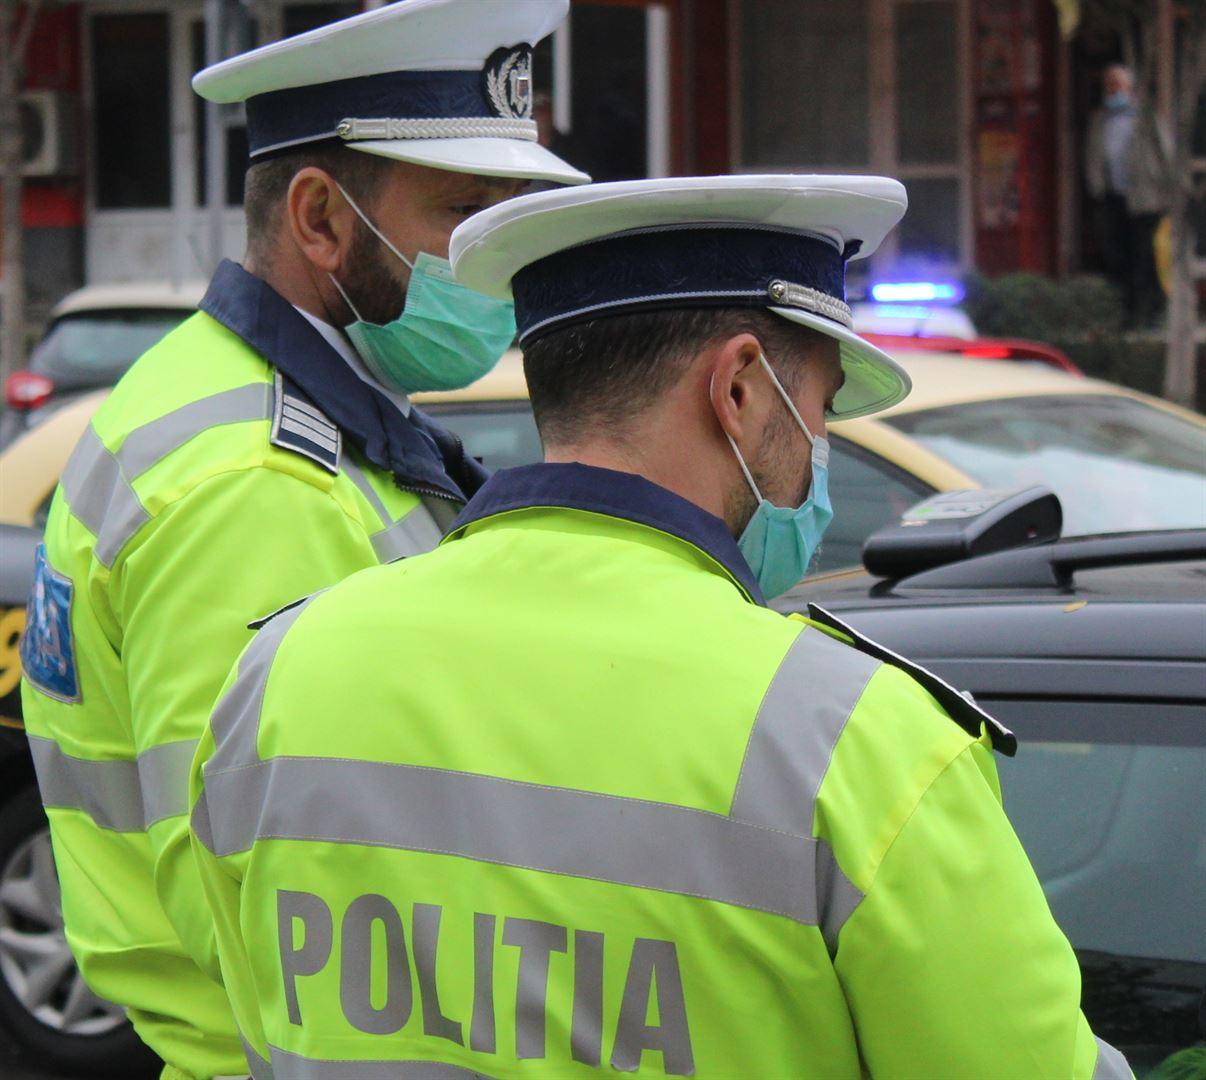 Polițiștii vor fi la datorie pentru ca  cetăţenii să se bucure în linişte și siguranță de evenimentele religioase